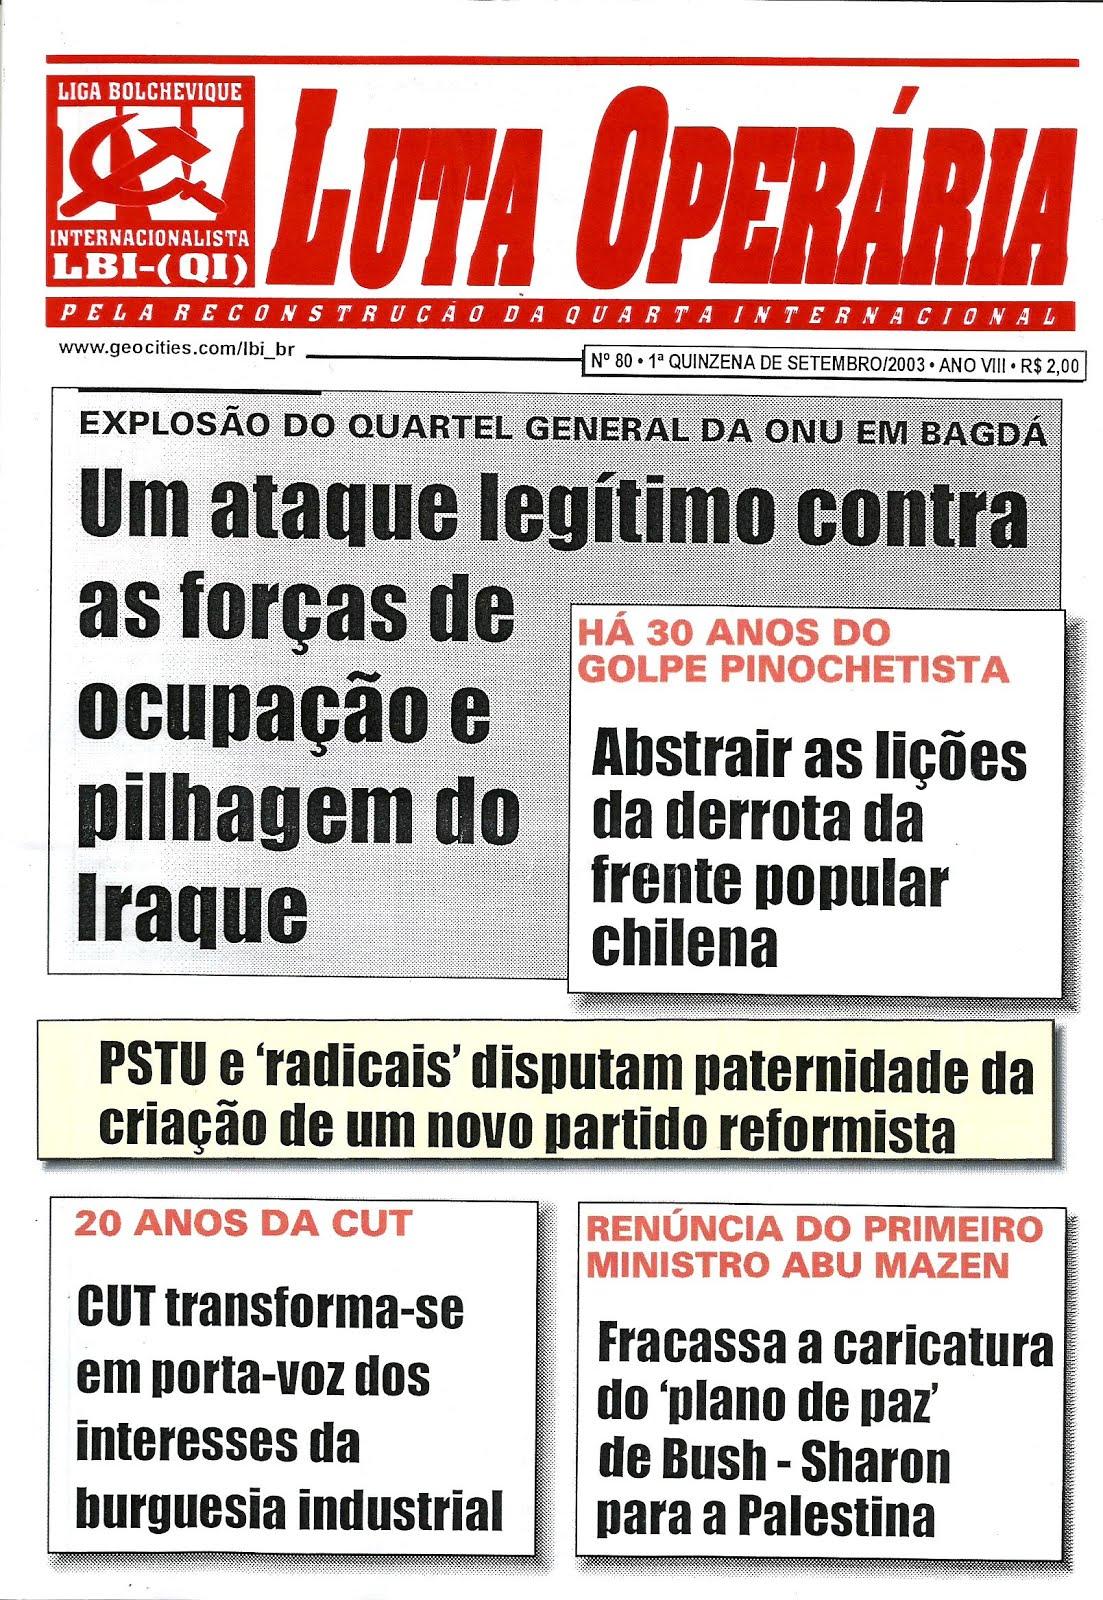 LEIA A EDIÇÃO DO JORNAL LUTA OPERÁRIA Nº 80, 1ª QUINZ. DE SETEMBRO/2003